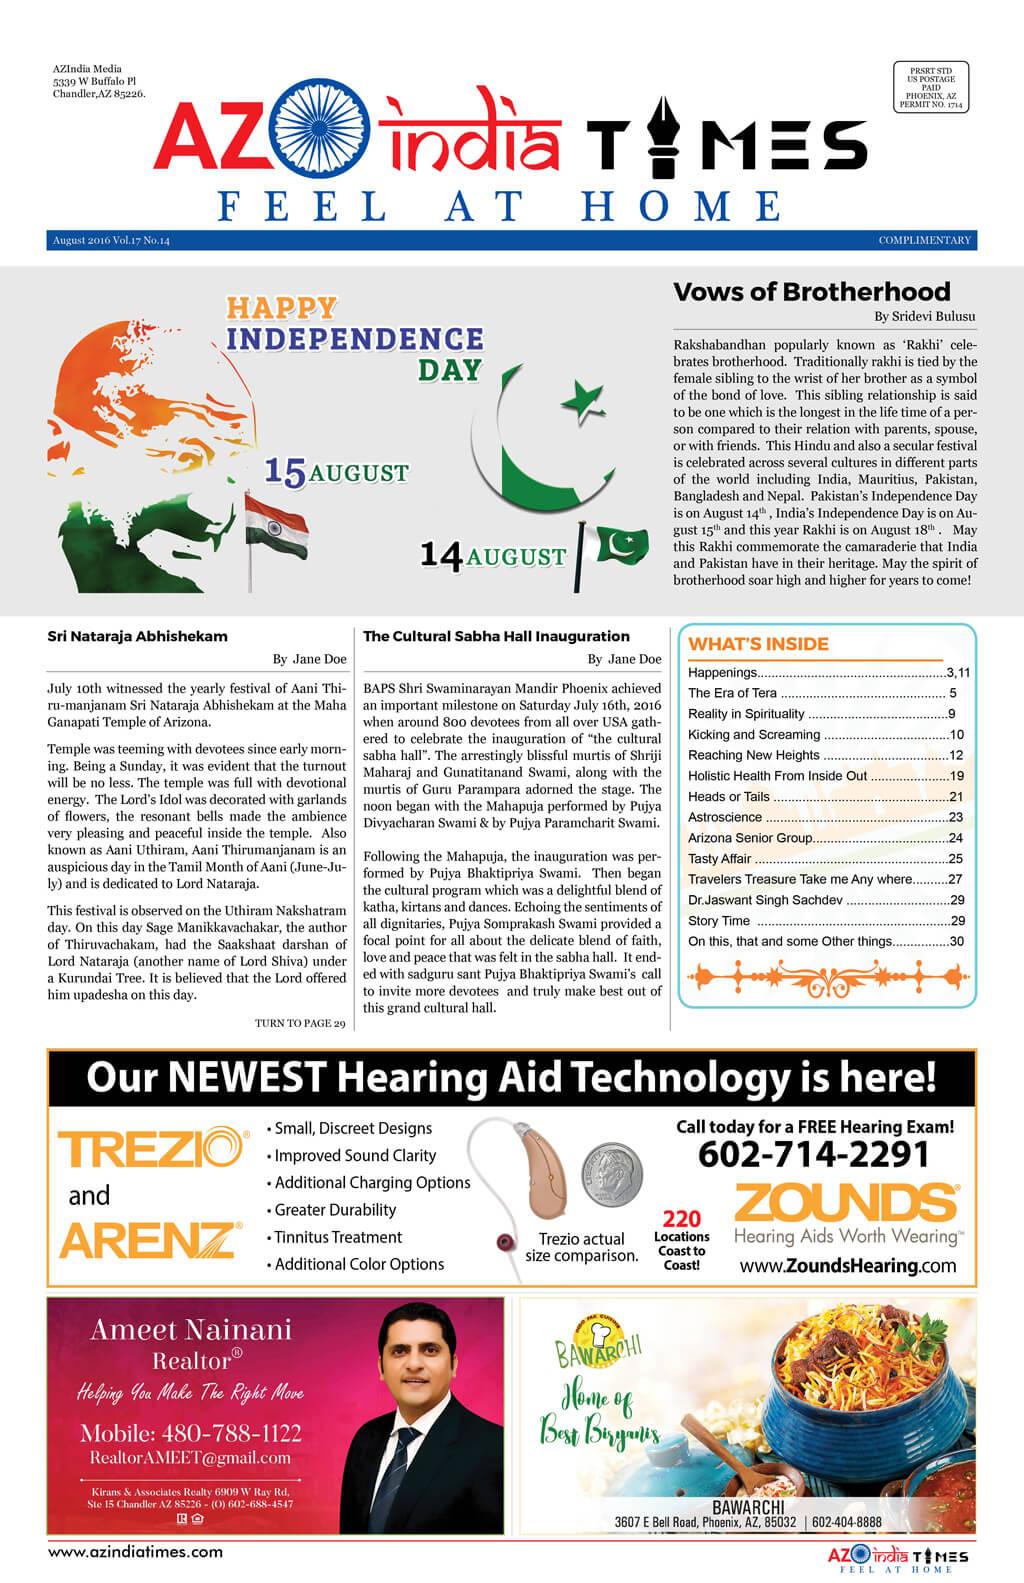 az-india-times